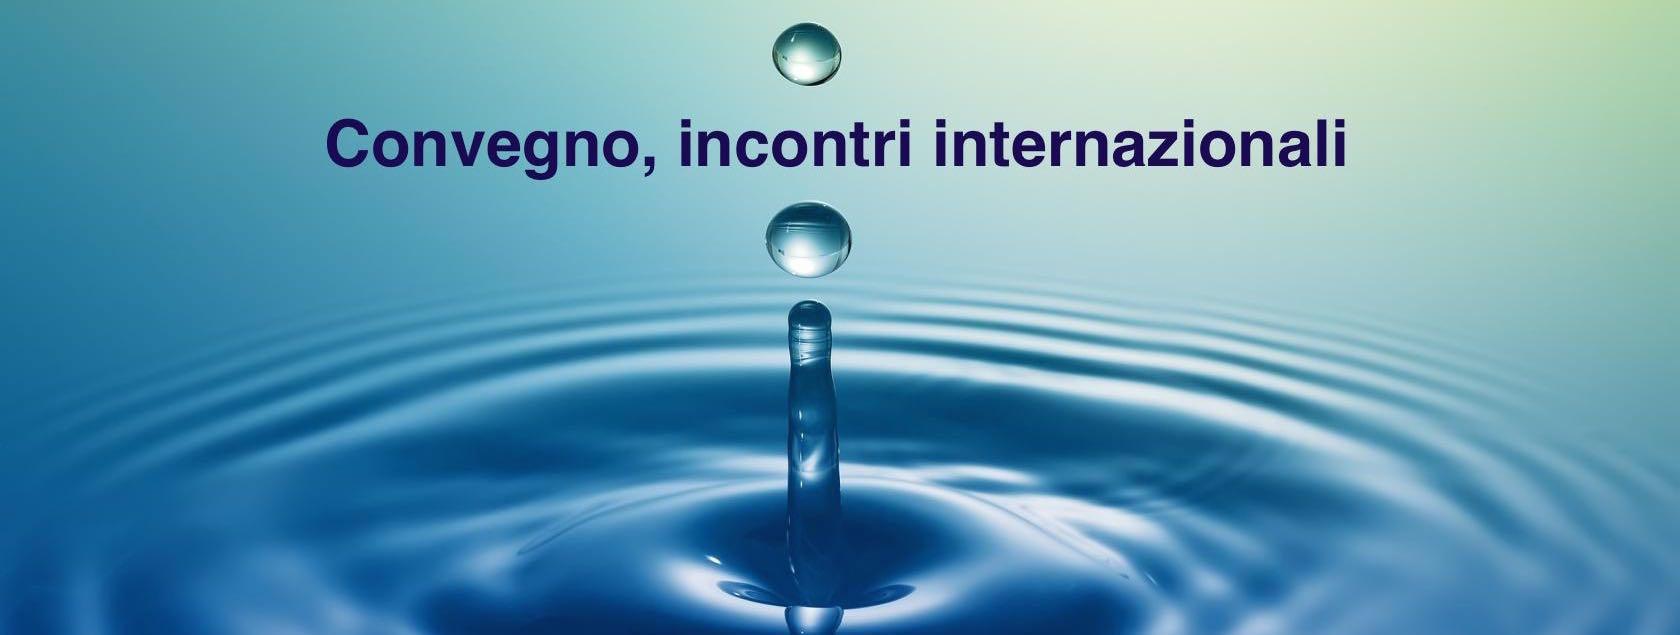 Biodanza : convegno, incontri internazionali